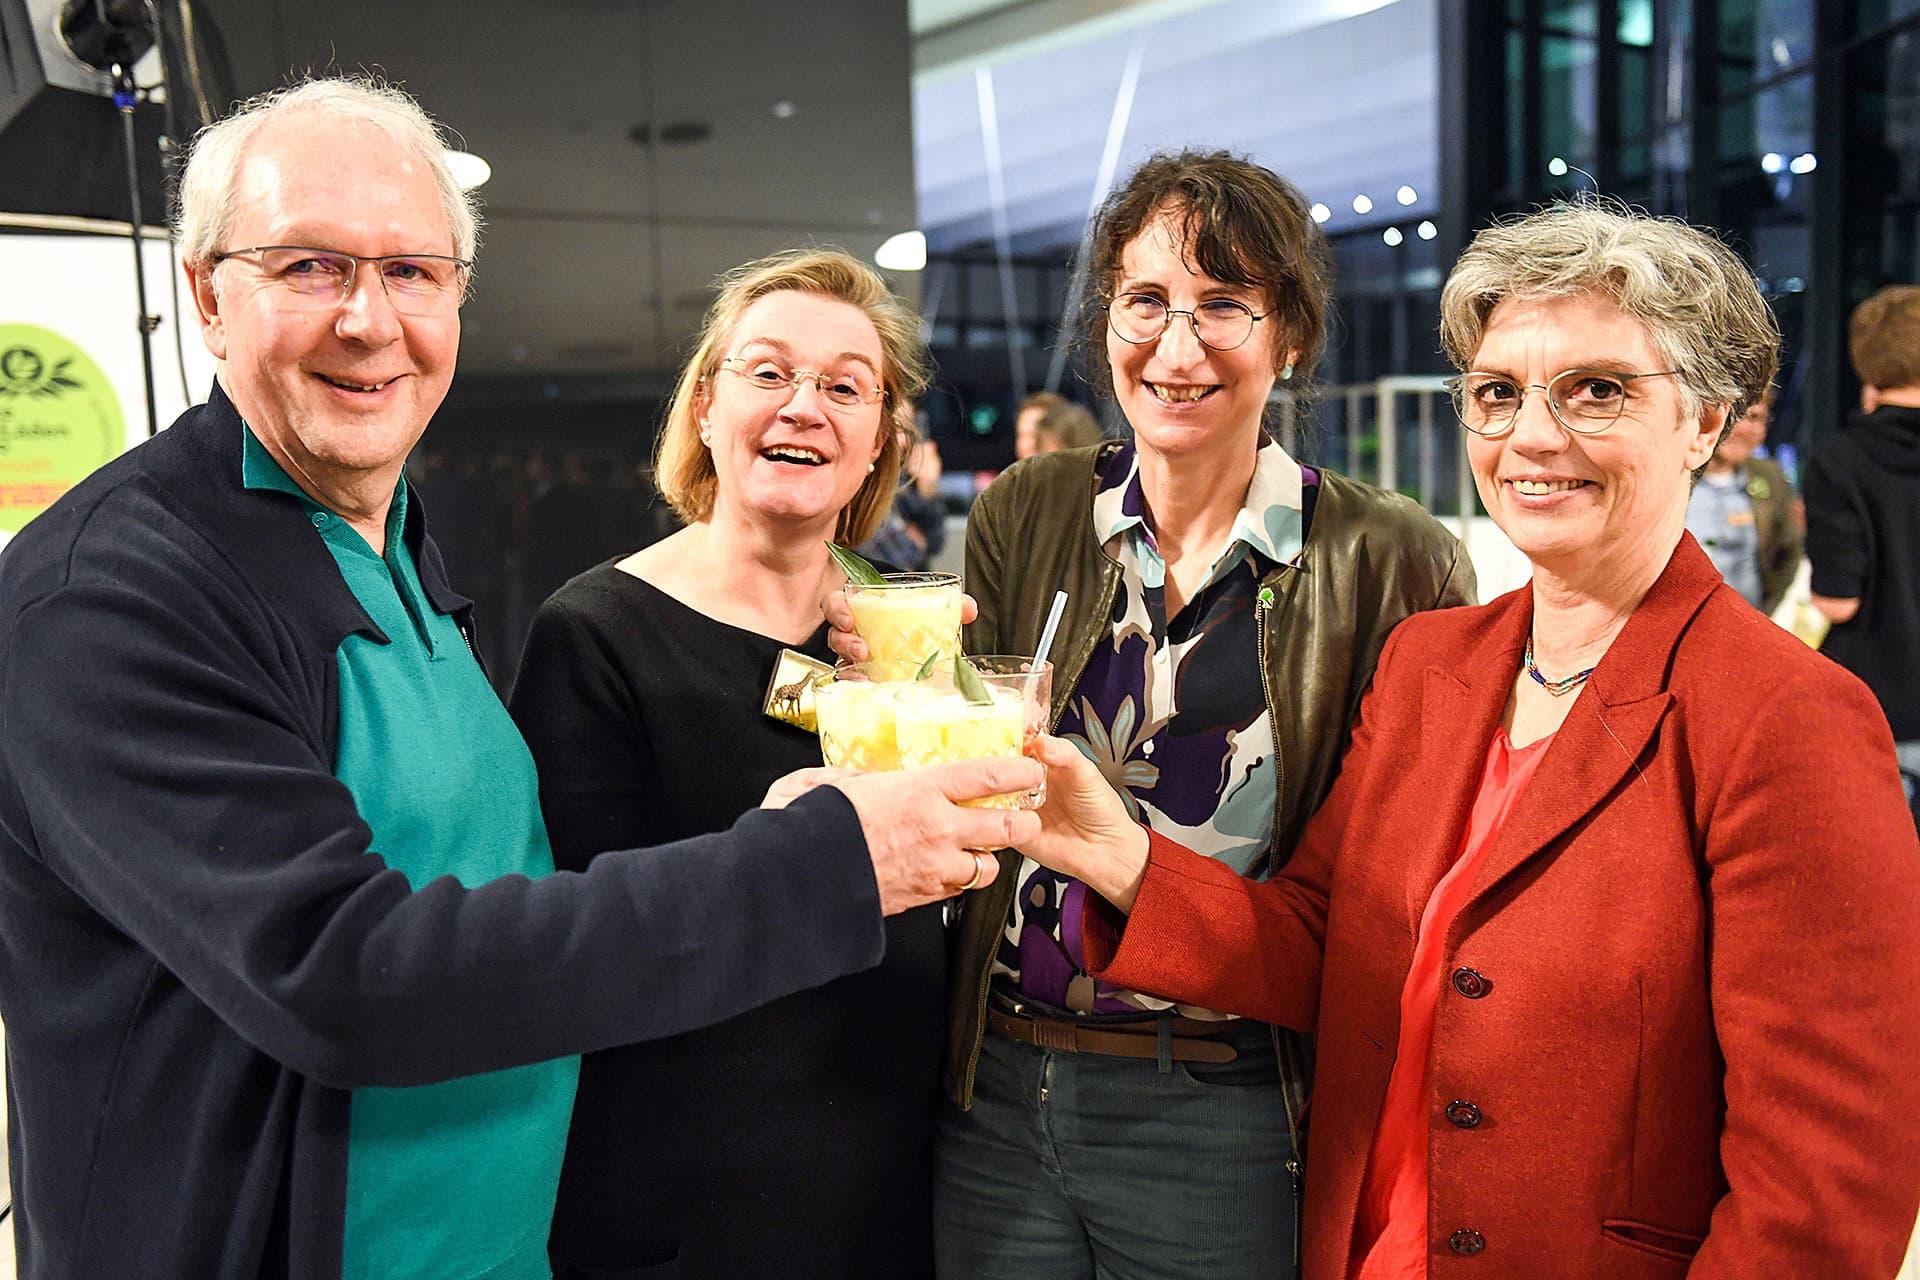 Sabine Kauffmann, Geschäftsführerin vom bio verlag, prostet drei anderen Teilnehmern zu.